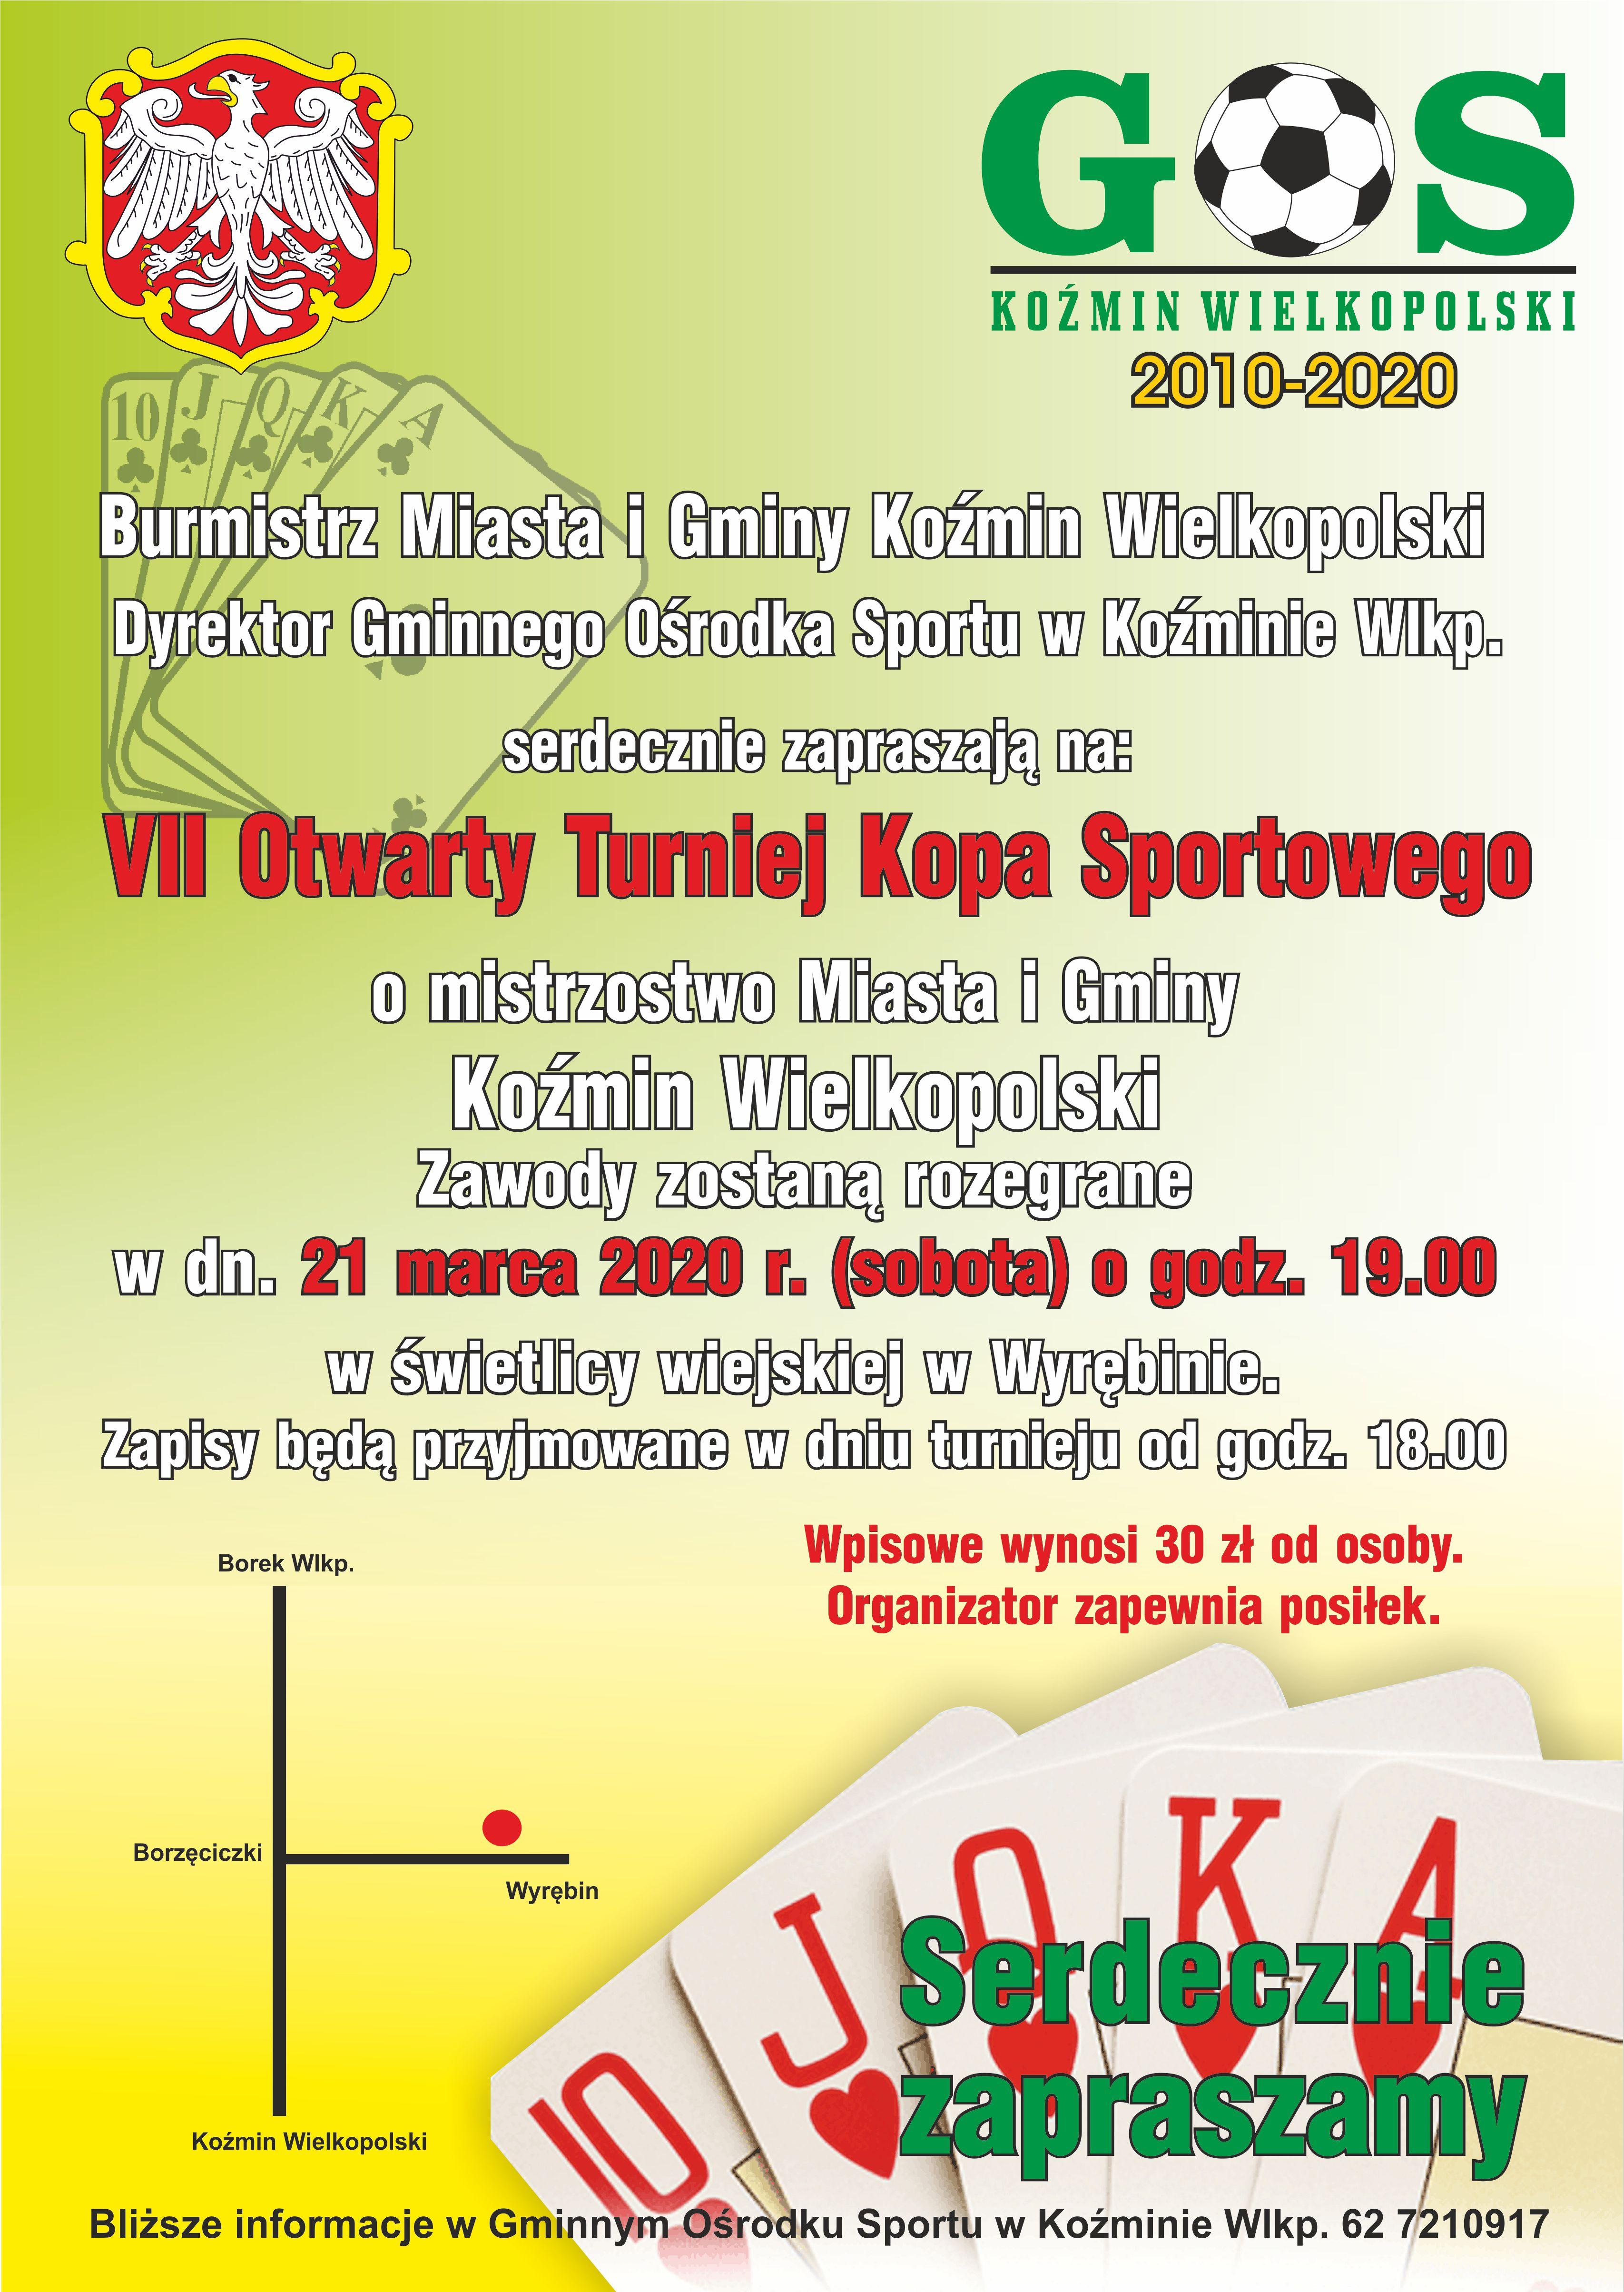 kop_plakat